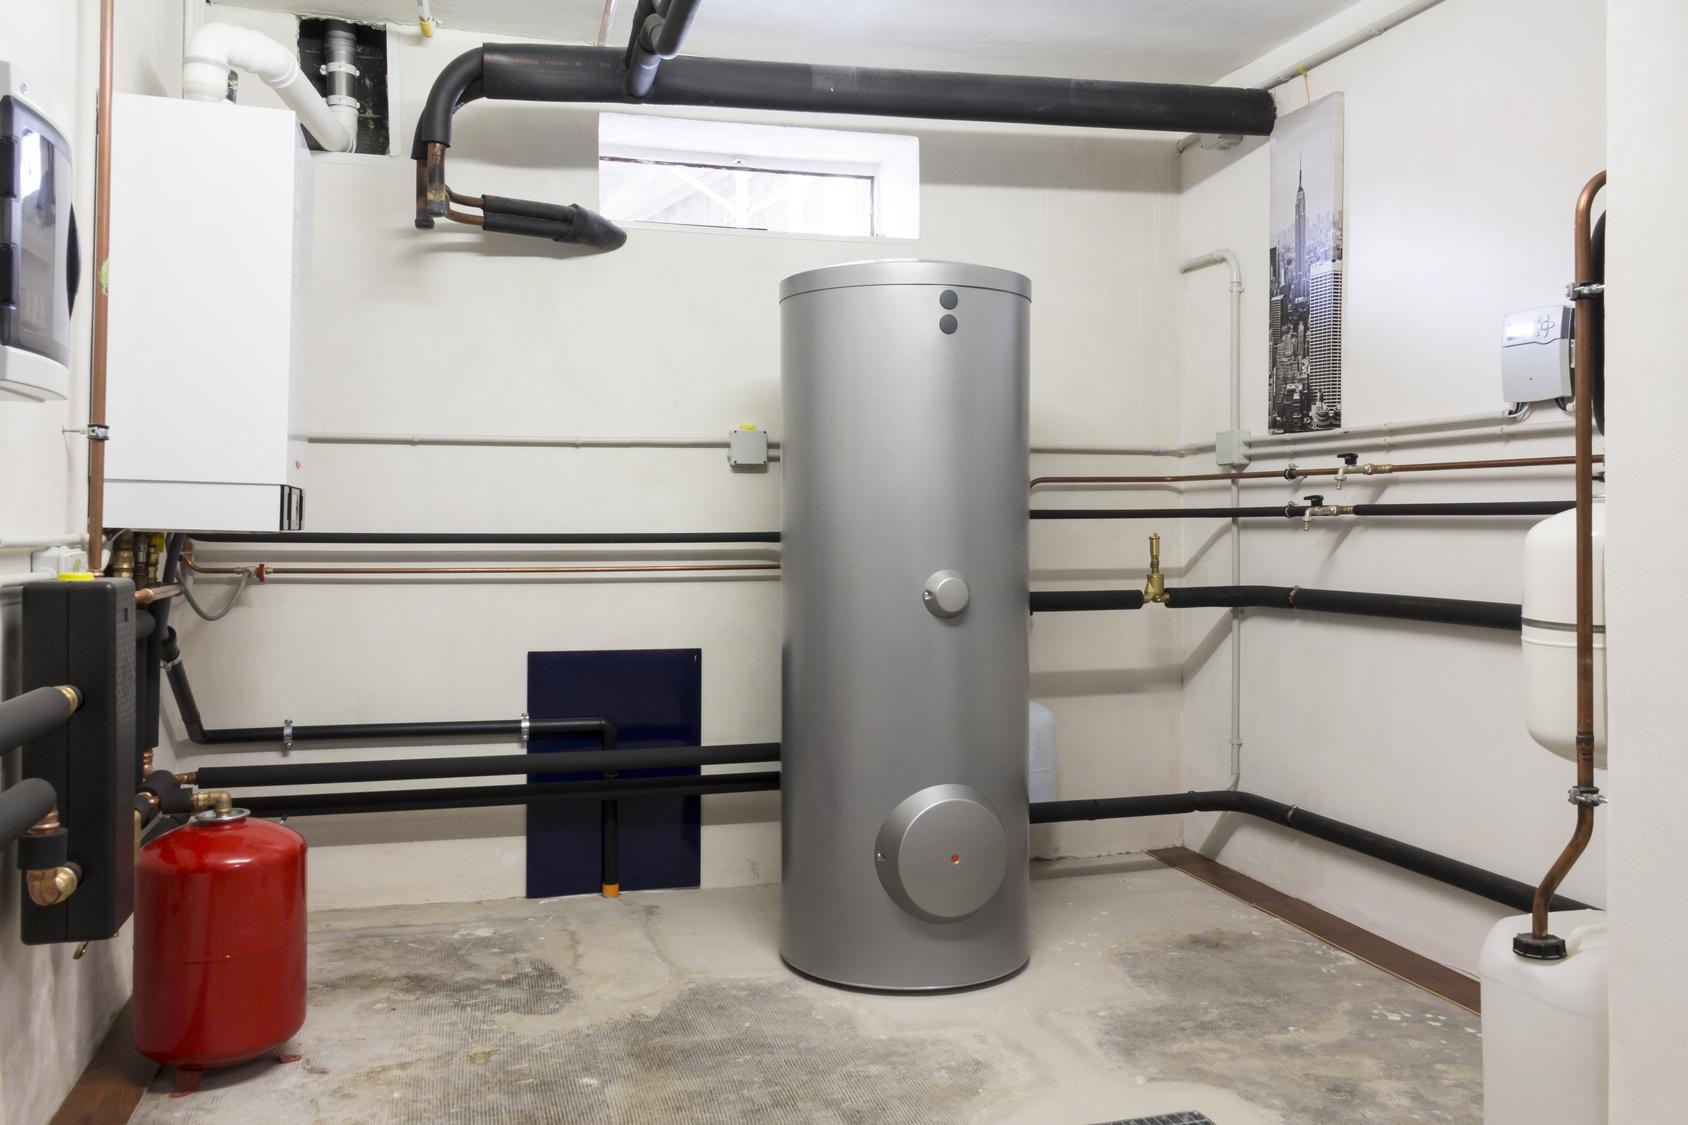 4 id es re ues sur le chauffage gaz bienchezmoi. Black Bedroom Furniture Sets. Home Design Ideas